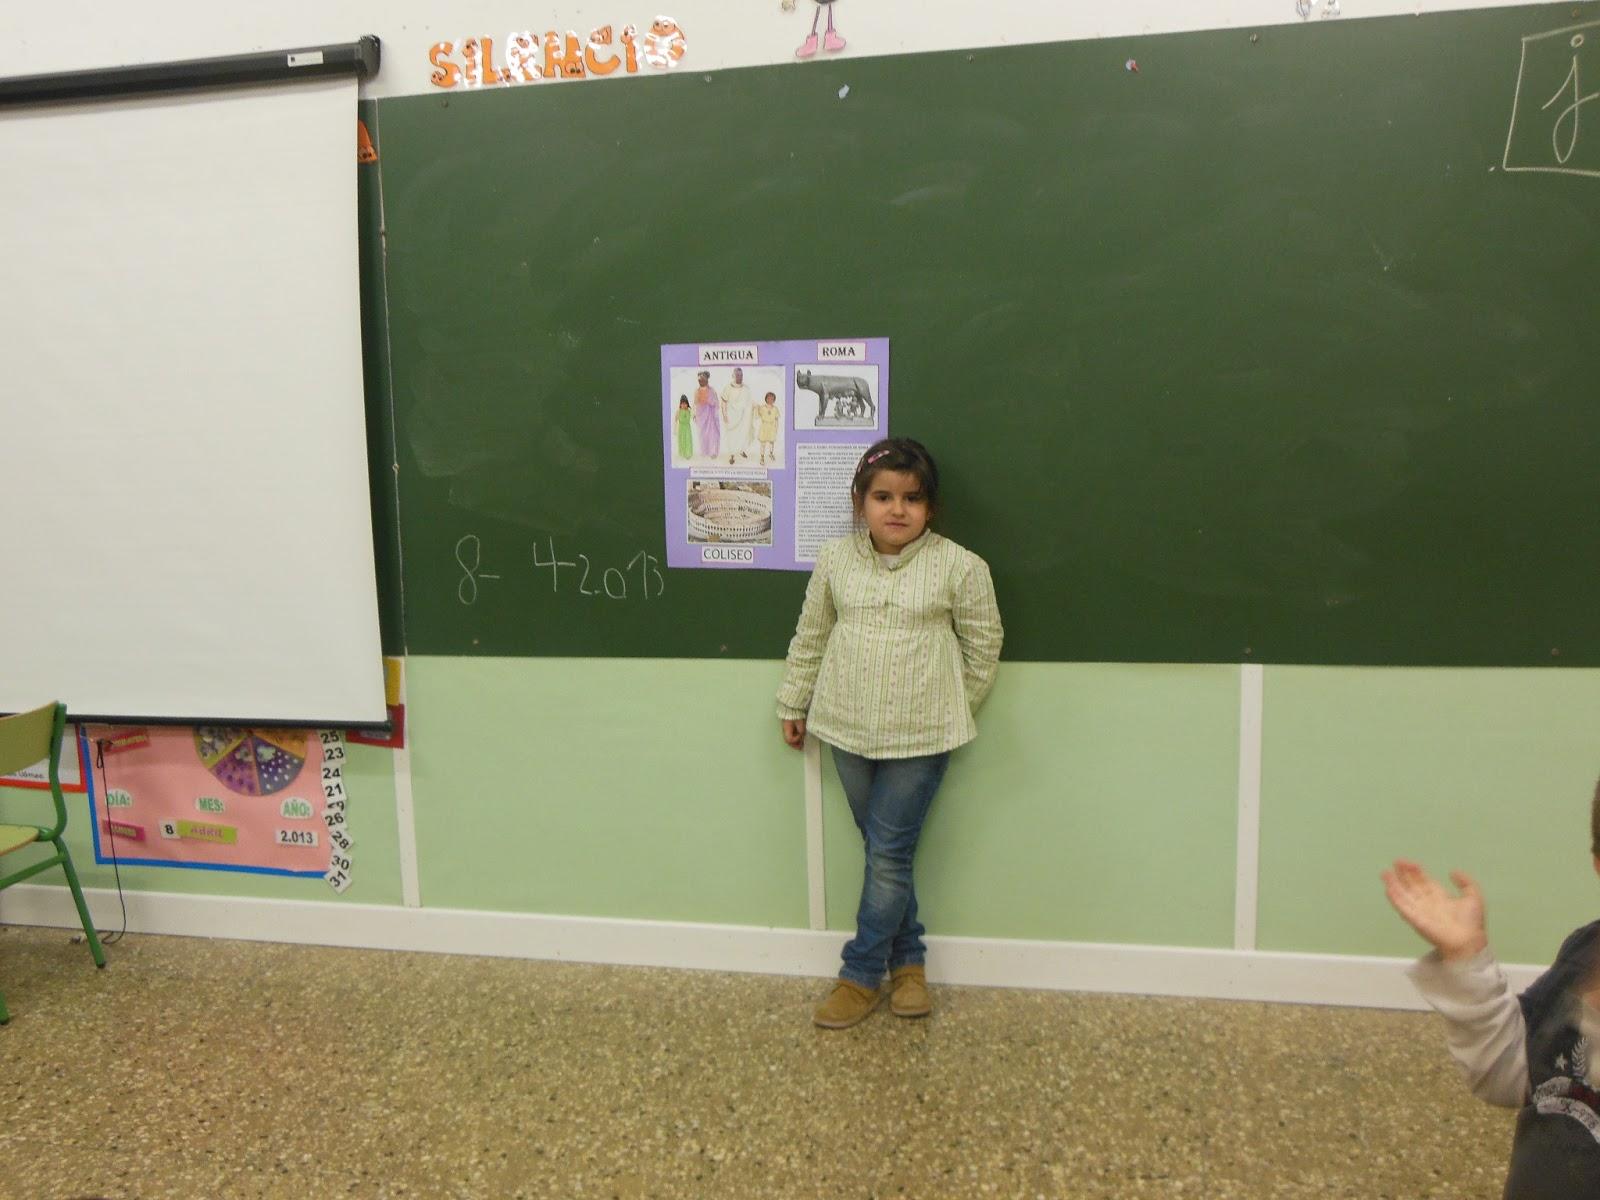 Los peques de movera una salida al mundo abril 2013 for Mural una familia chicana